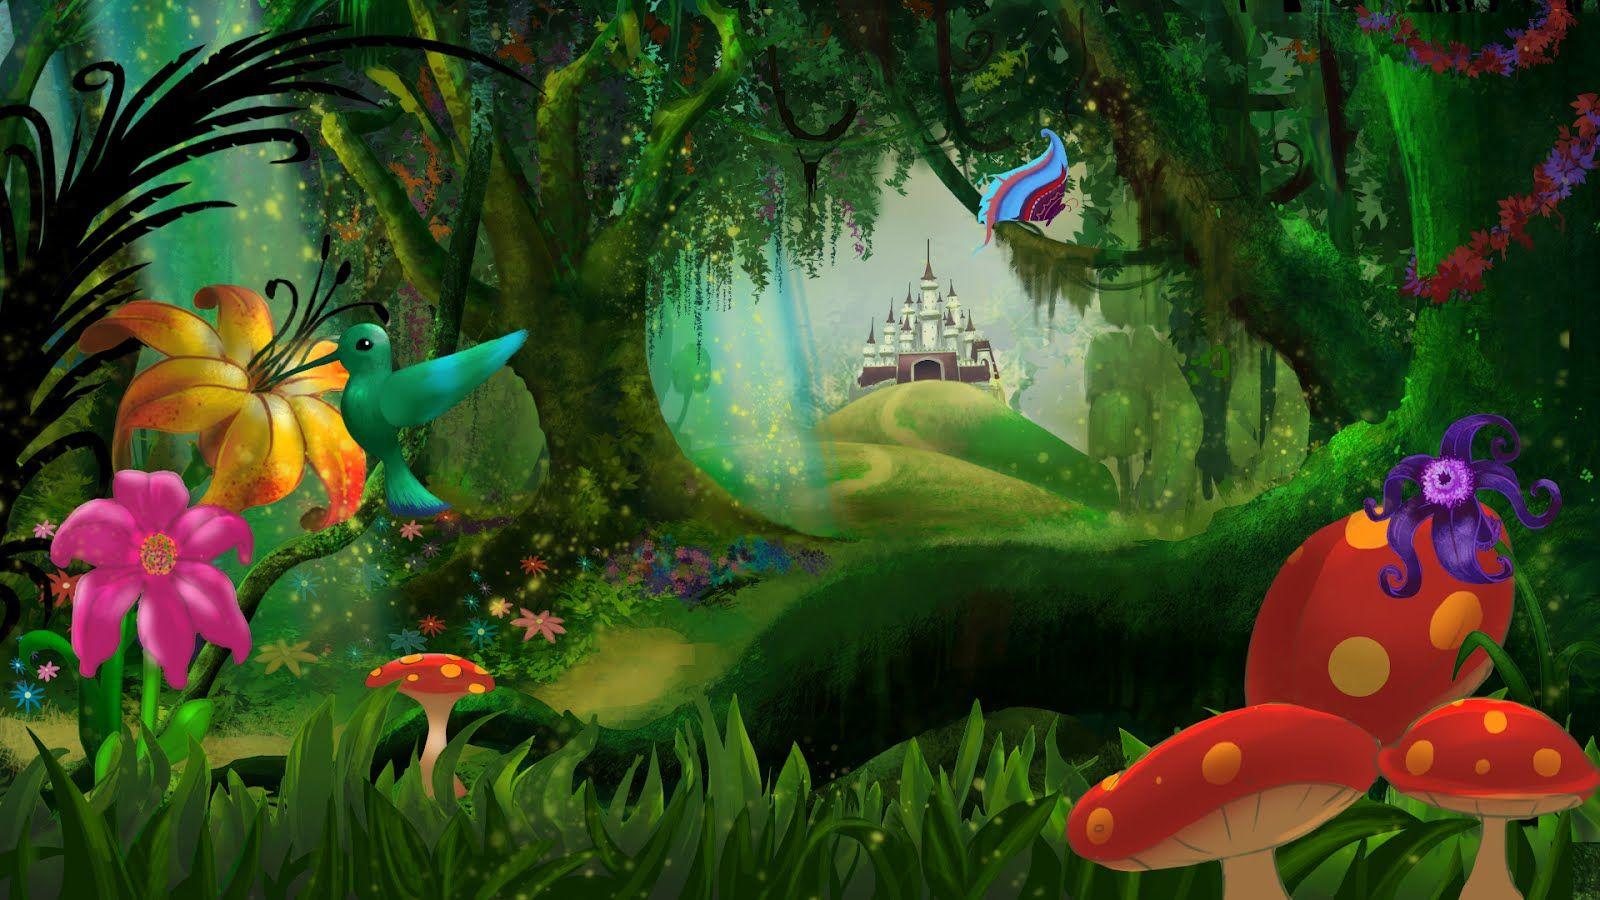 Ninos Corriendo Dibujo Animado Buscar Con Google Bosque Magico Hadas Hadas Hermosas